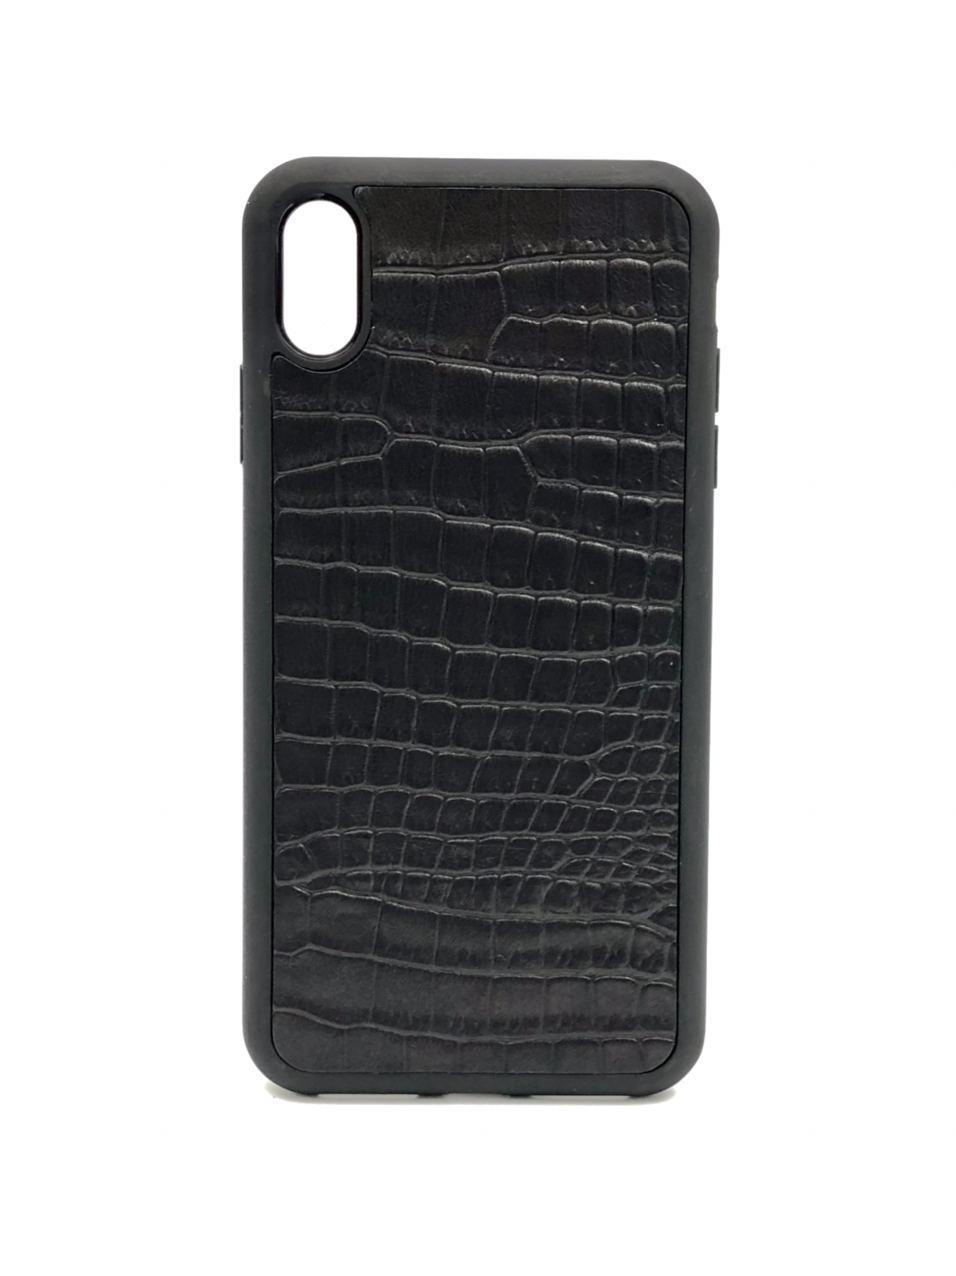 Чехол для iPhone Xr чёрного цвета из Телячьей кожи тиснёной под Крокодила